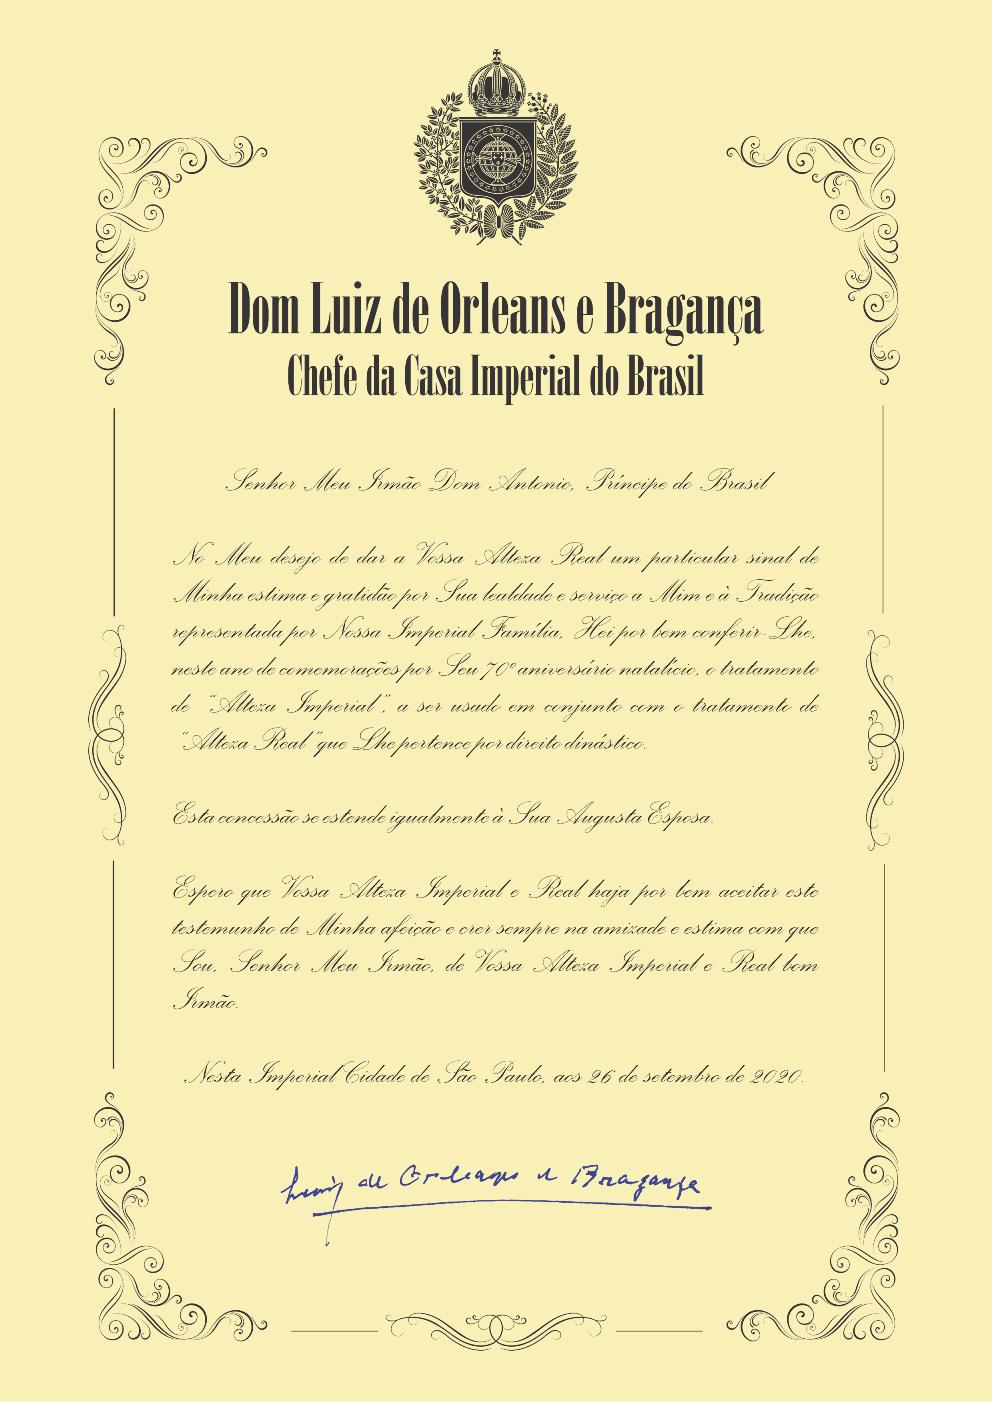 """Carta em que D. Luiz concede a D. Antonio o tratamento de """"Alteza Imperial"""""""